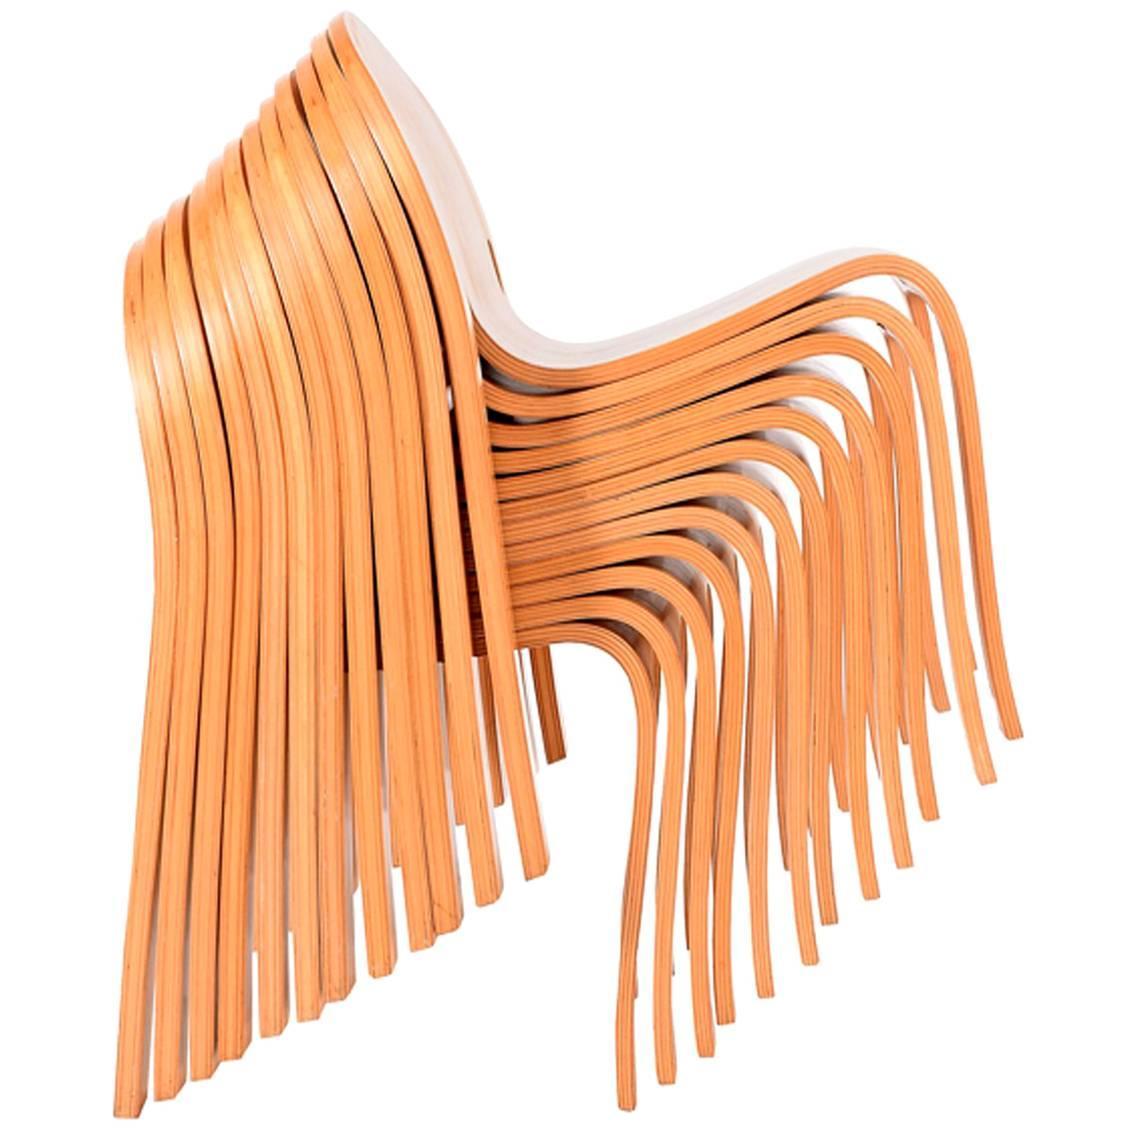 Great Set Of Twelve Bodyform Chairs By Peter Danko 1